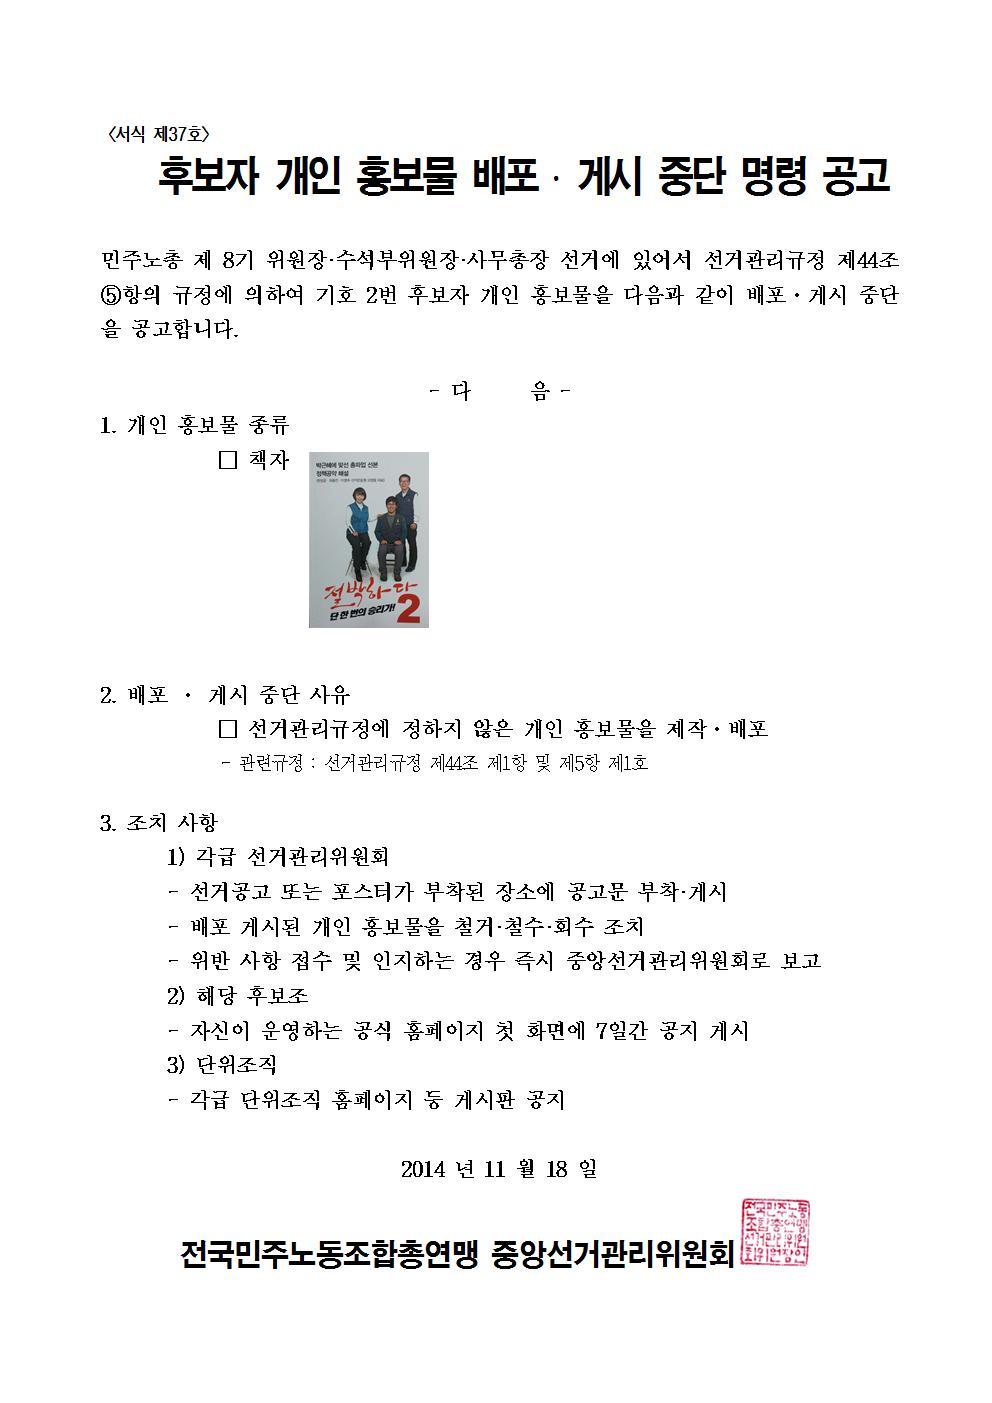 민주선거1121-633호 개인홍보물 배포게시중단명령공고_기호2번002.jpg